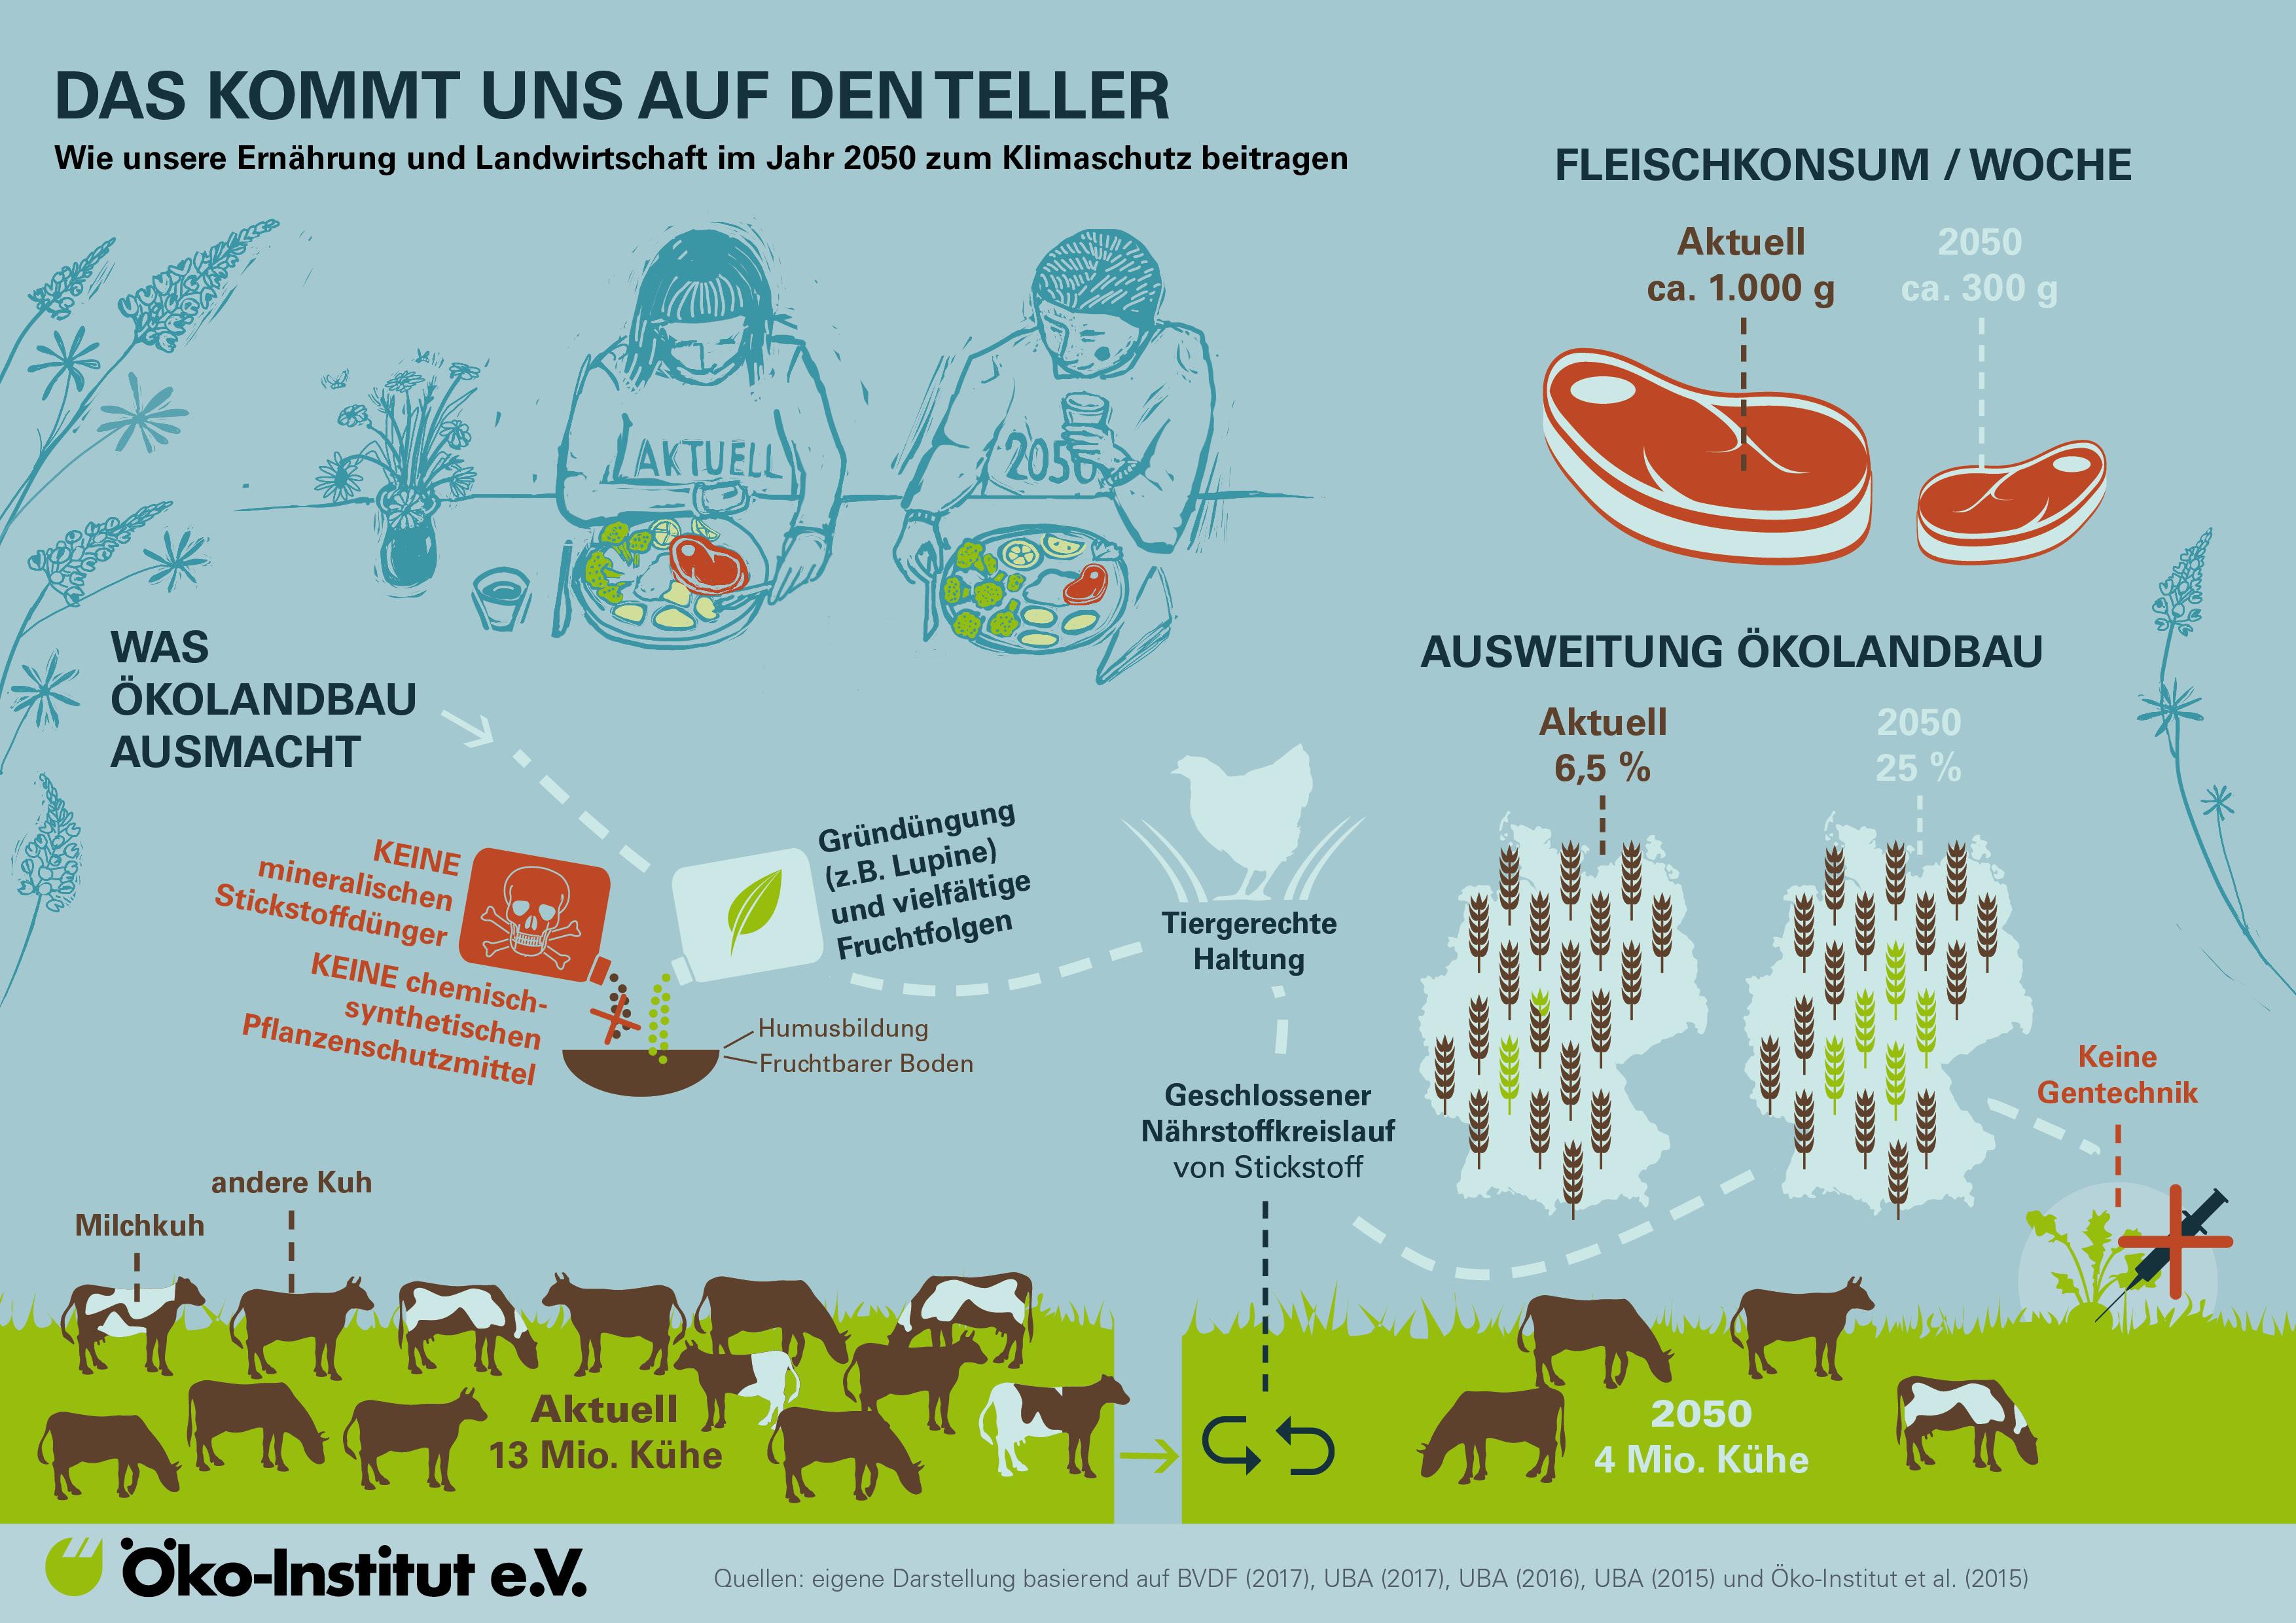 Klimafreundliche Landwirtschaft fängt mit unserer Ernährung an